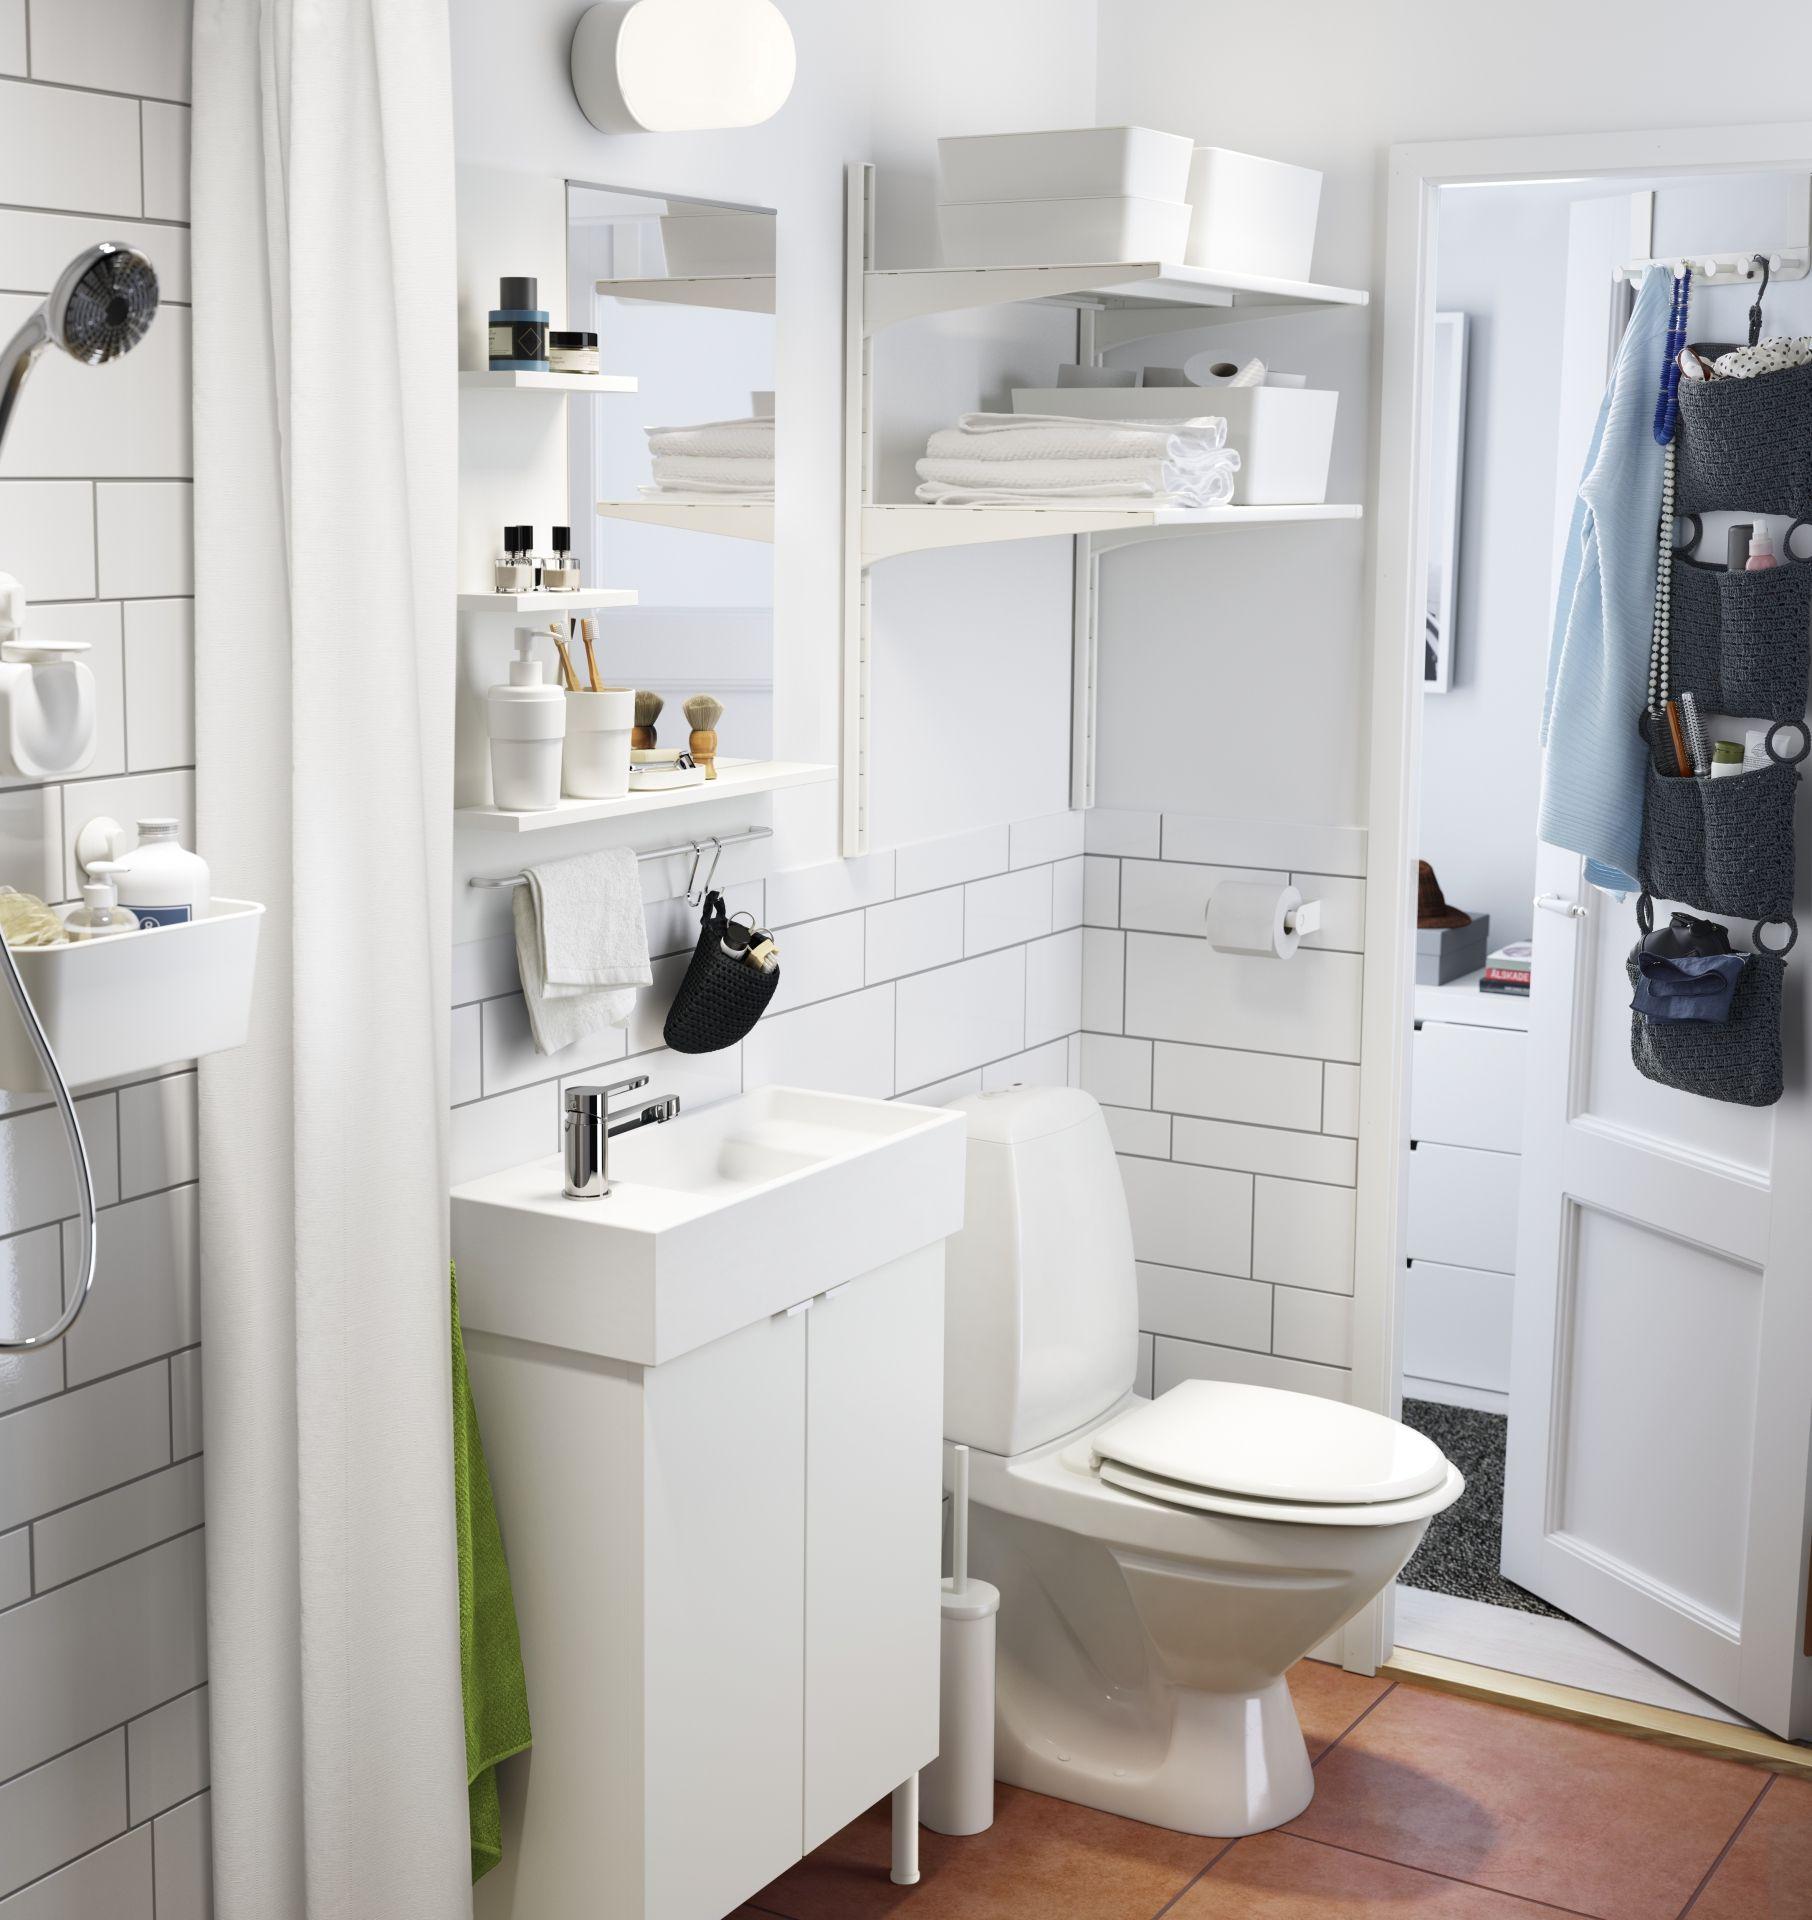 Mobel Einrichtungsideen Fur Dein Zuhause Kleines Bad Waschbecken Ikea Badezimmer Badezimmer Klein